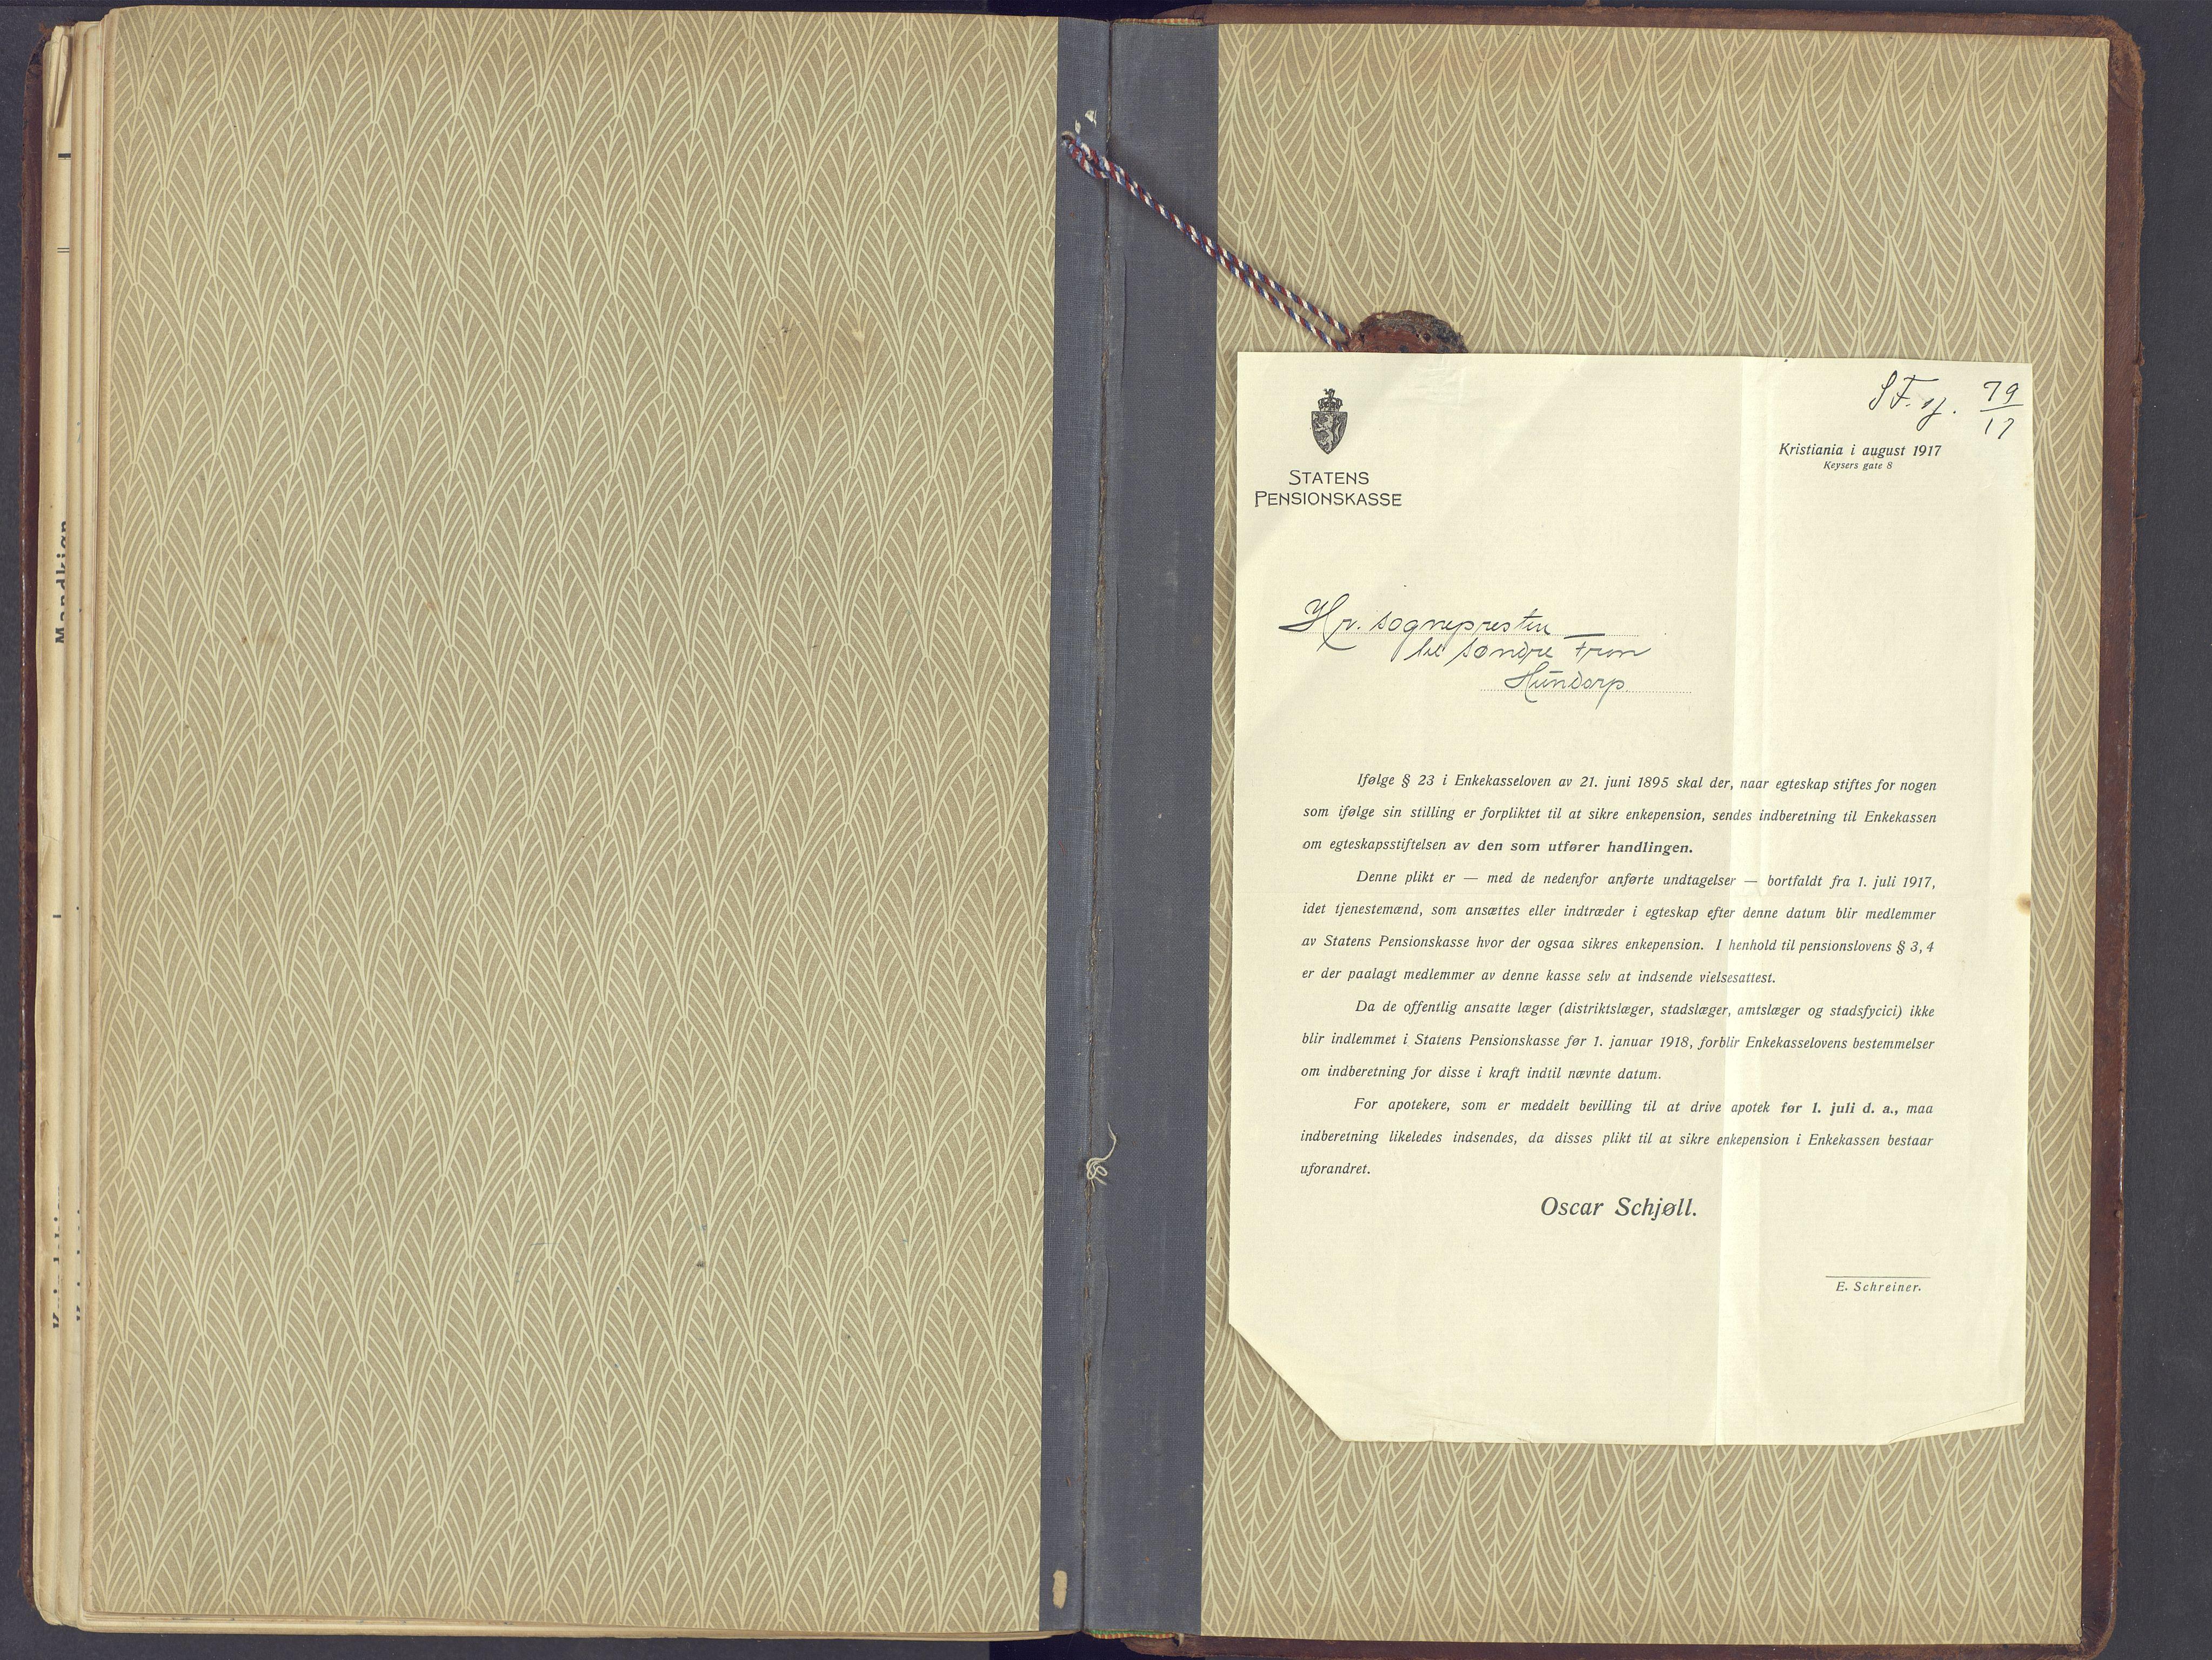 SAH, Sør-Fron prestekontor, H/Ha/Haa/L0005: Ministerialbok nr. 5, 1920-1933